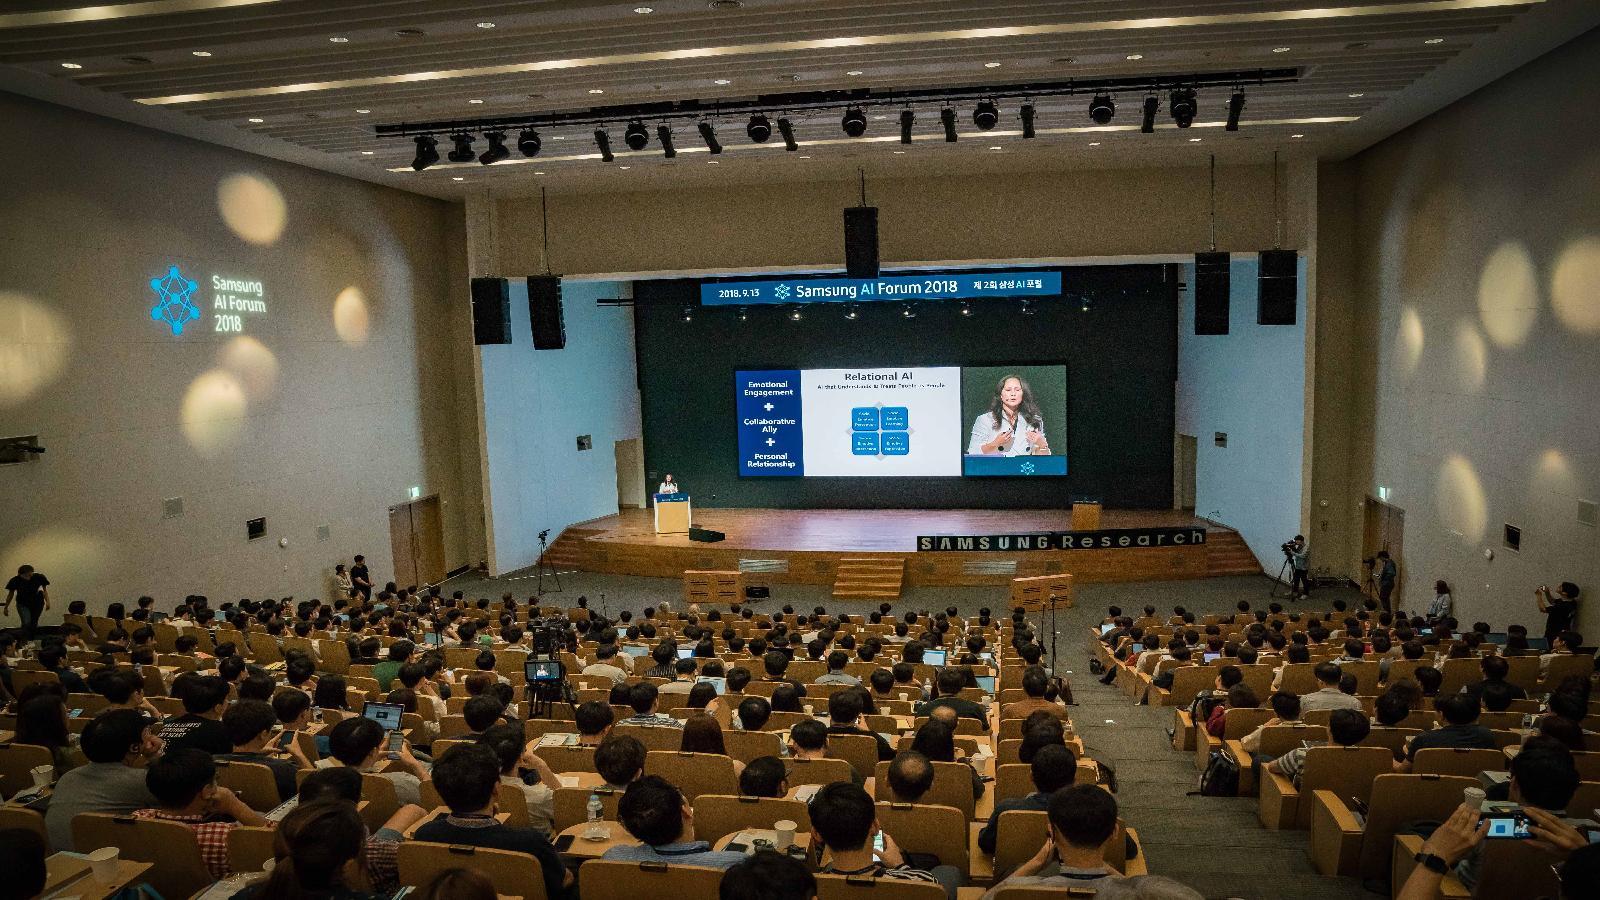 Samsung AI Forum 2018 1